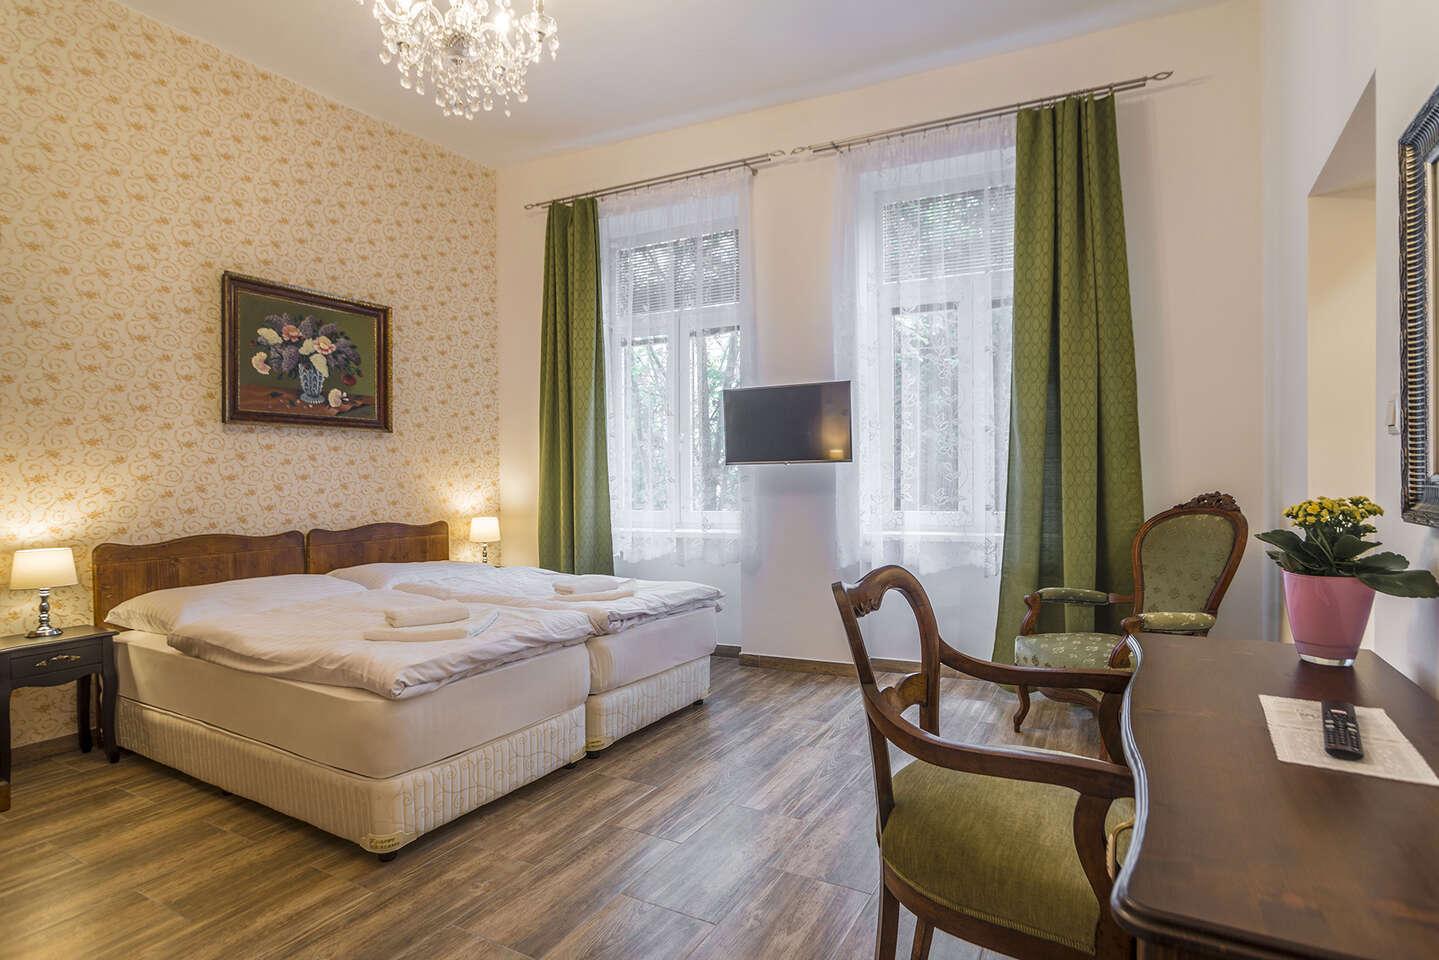 Štýlové ubytovanie v apartmánoch v centre Prešova s celodenným vstupom na letné kúpalisko Sun Park